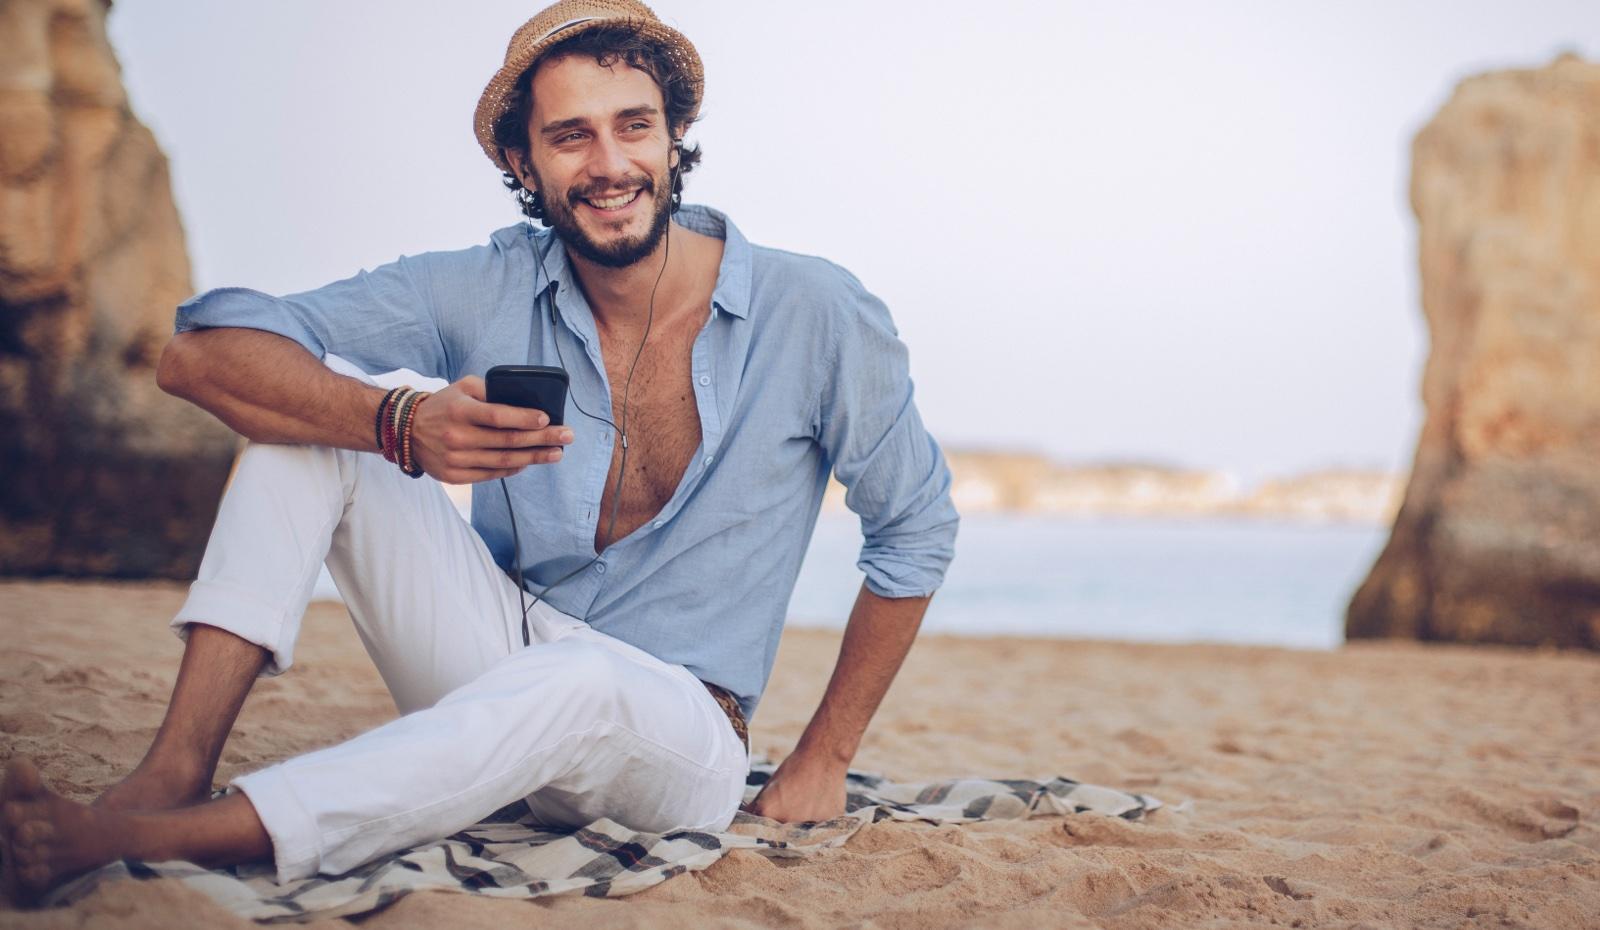 ¿Cómo puede ayudarte una centralita virtual en vacaciones?